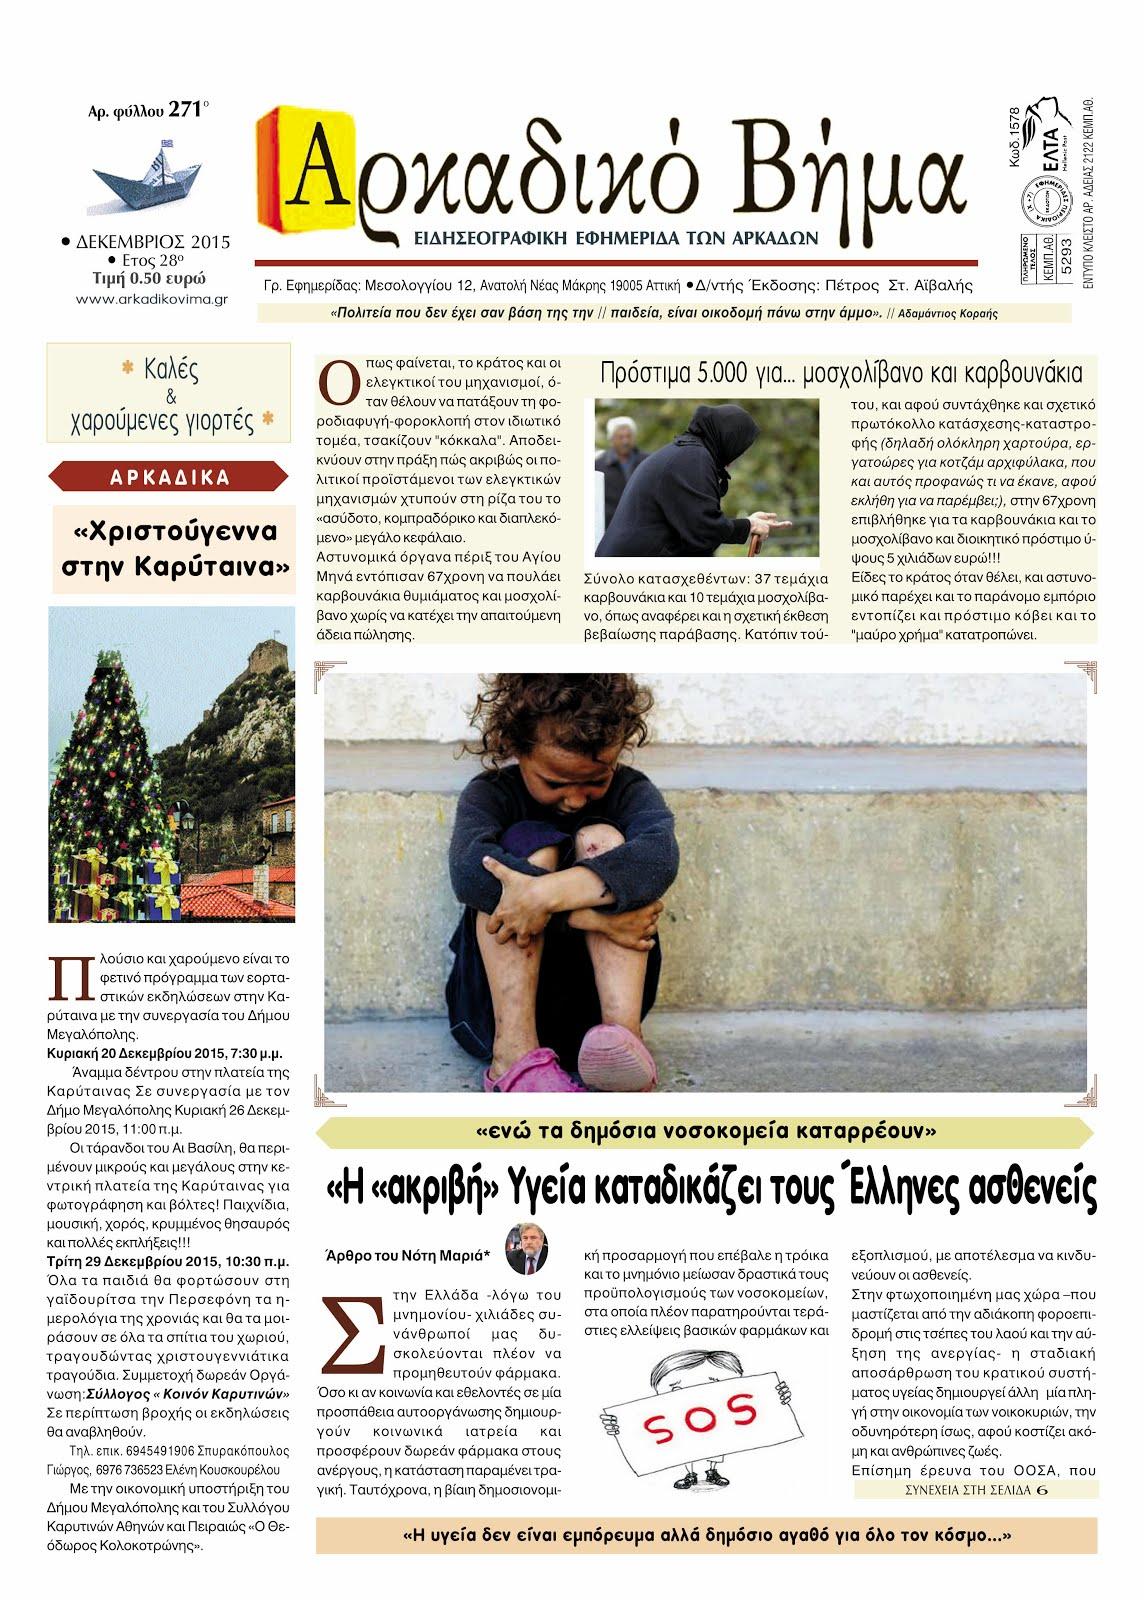 """ΑΡΚΑΔΙΚΟ ΒΗΜΑ Η """"ακριβή"""" υγεία καταδικάζει τους Έλληνες ασθενείς"""